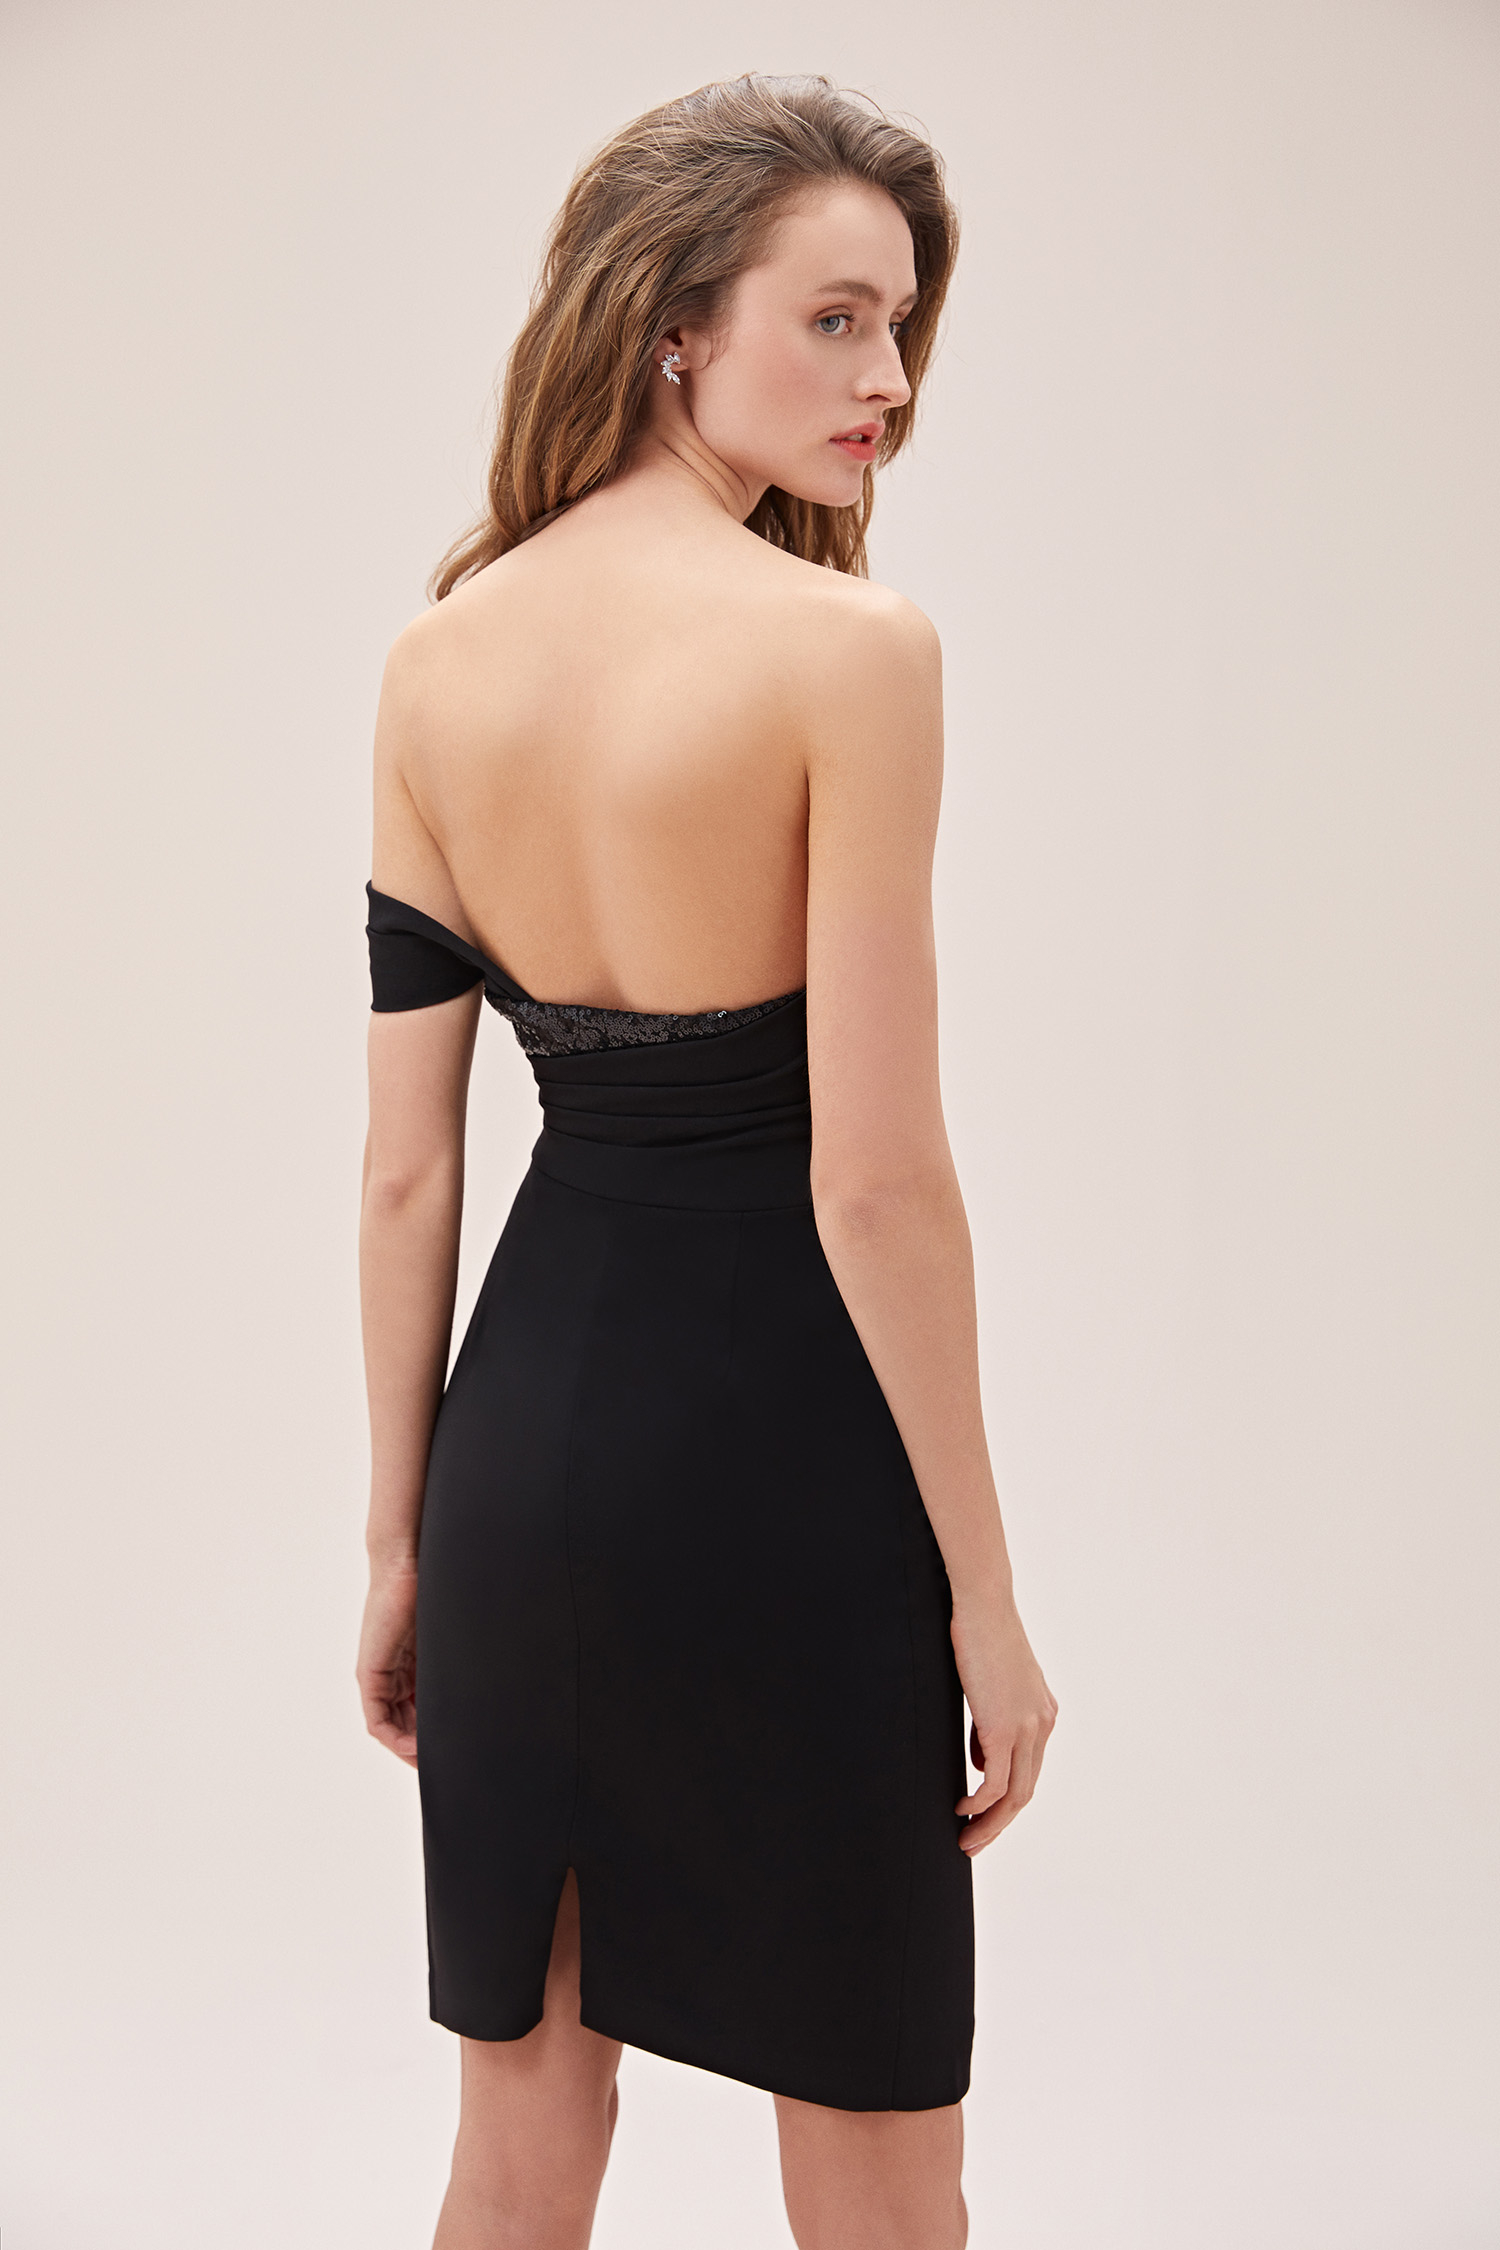 Siyah Tek Omuzlu Drapeli Krep Dar Diz Üstü Elbise - Thumbnail